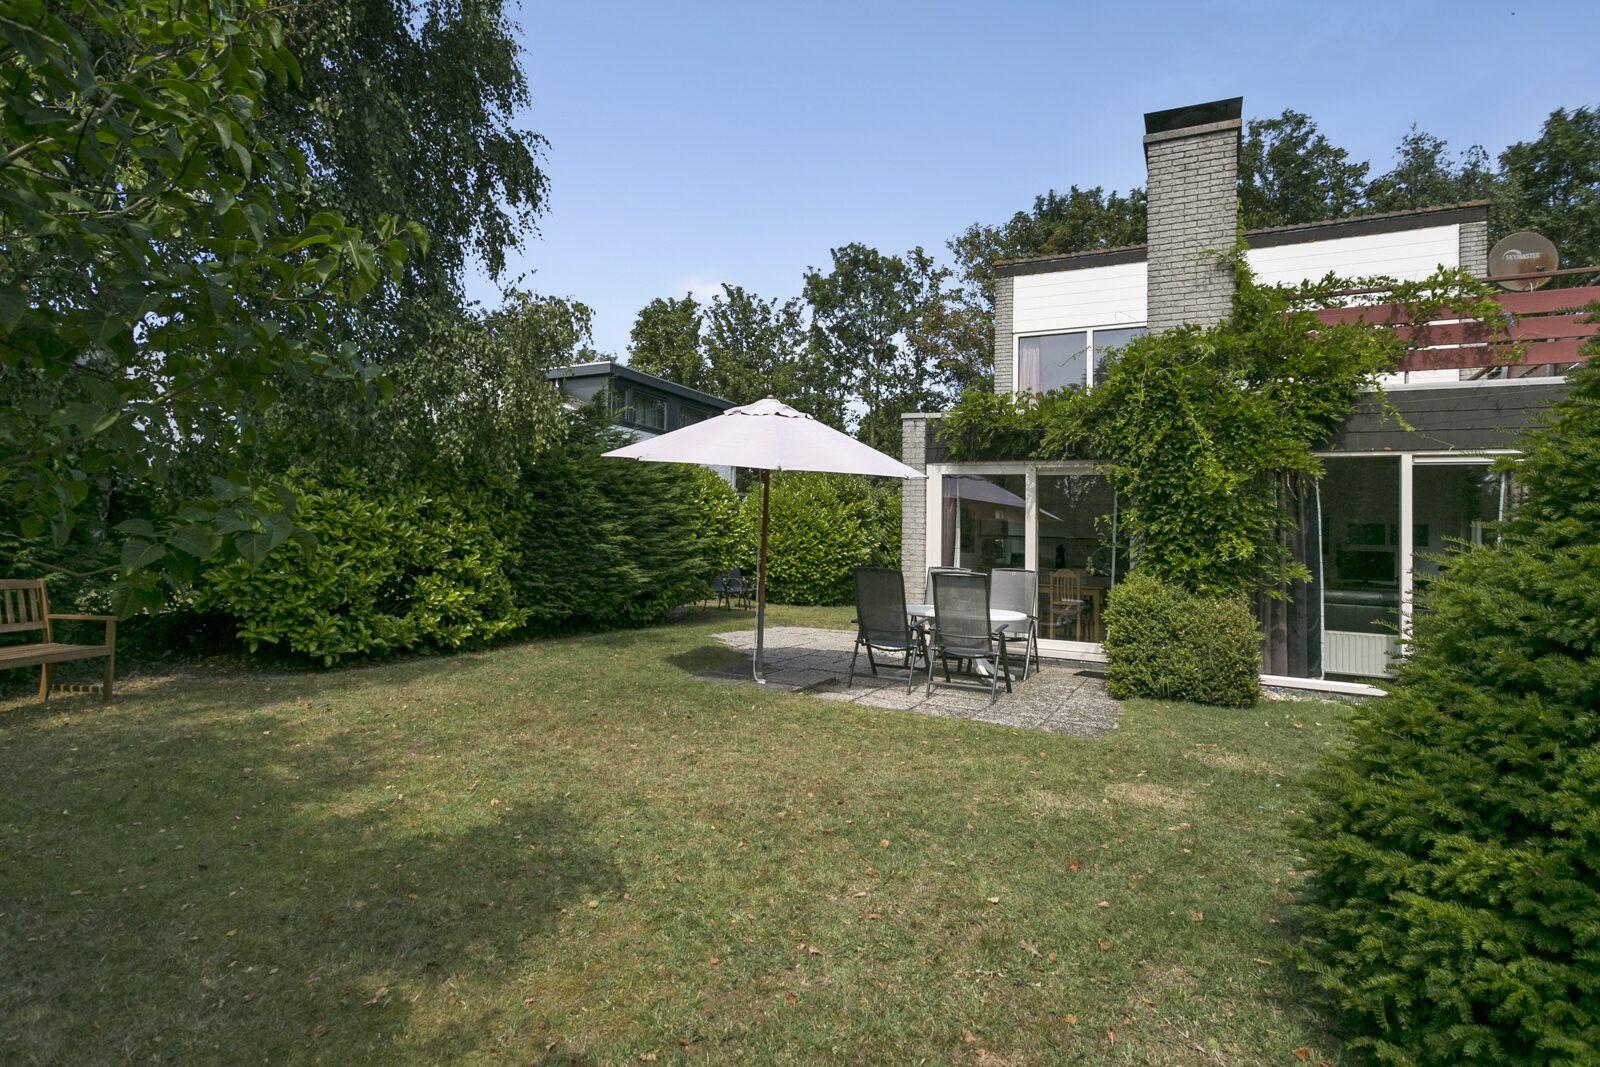 Haringvliet 011 - Noordzeepark Ouddorp